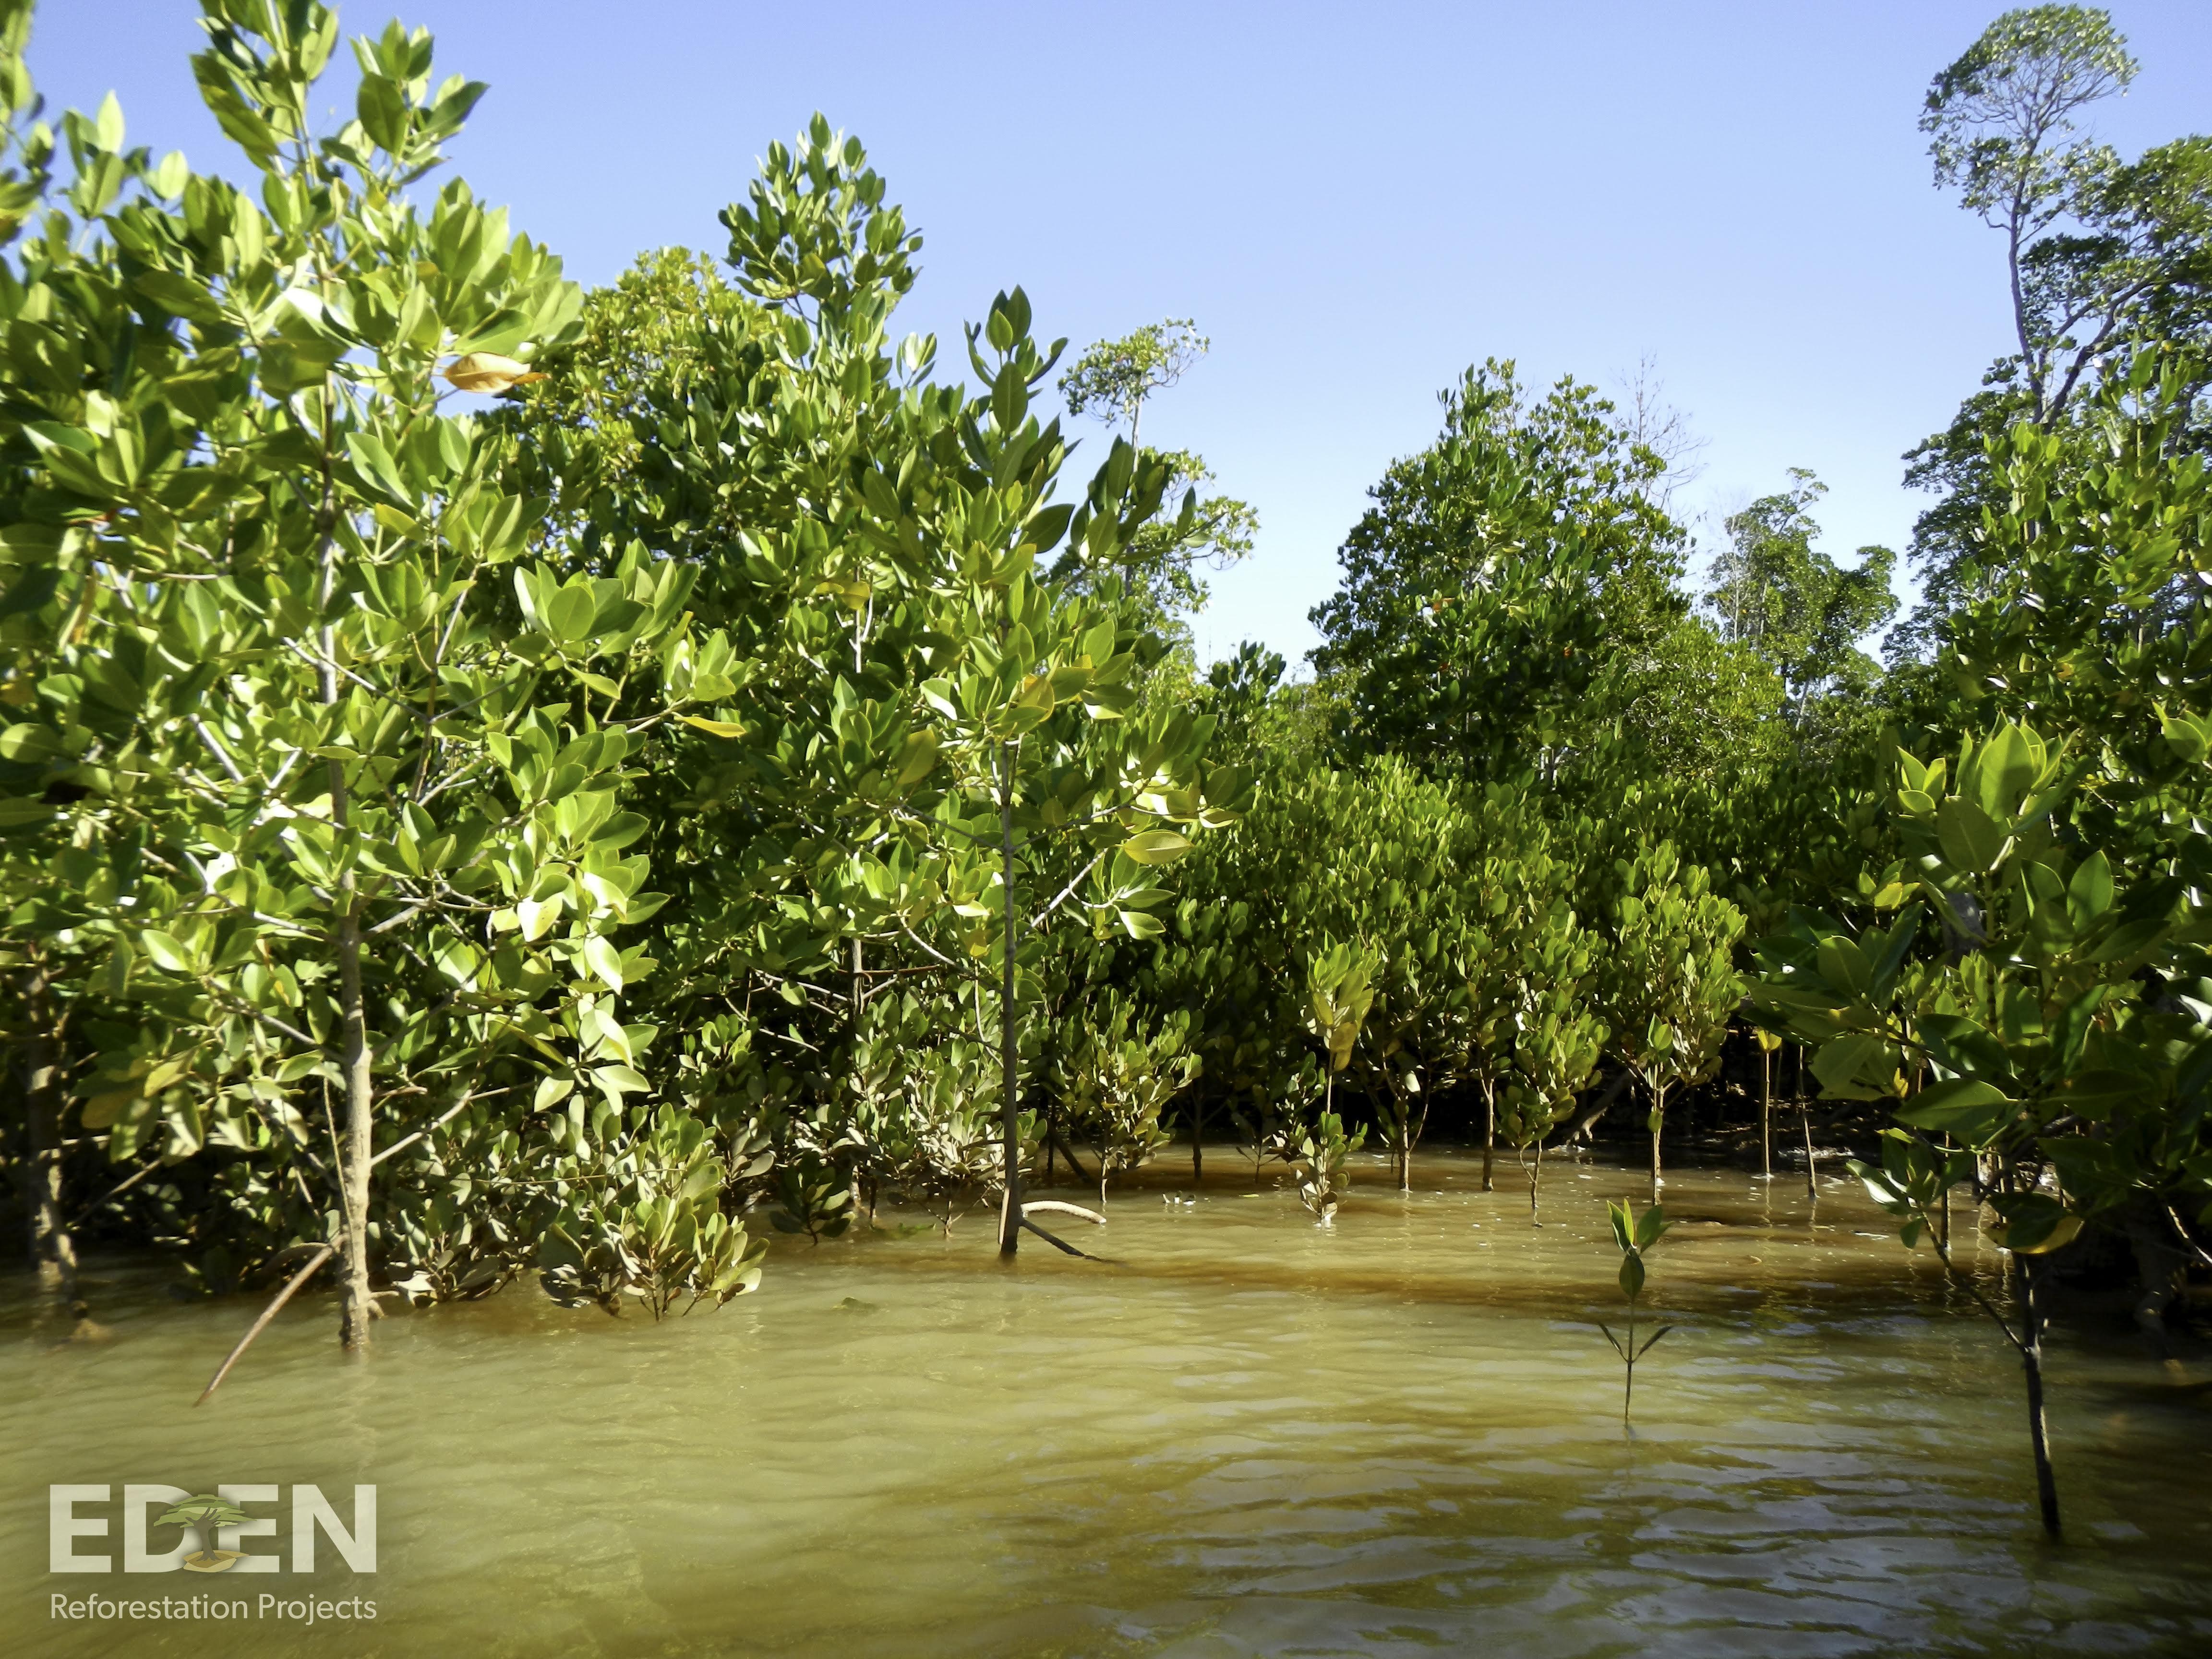 Mangroven Wälder werden im Zuge des Schrott24 Umweltprojekts aufgeforstet